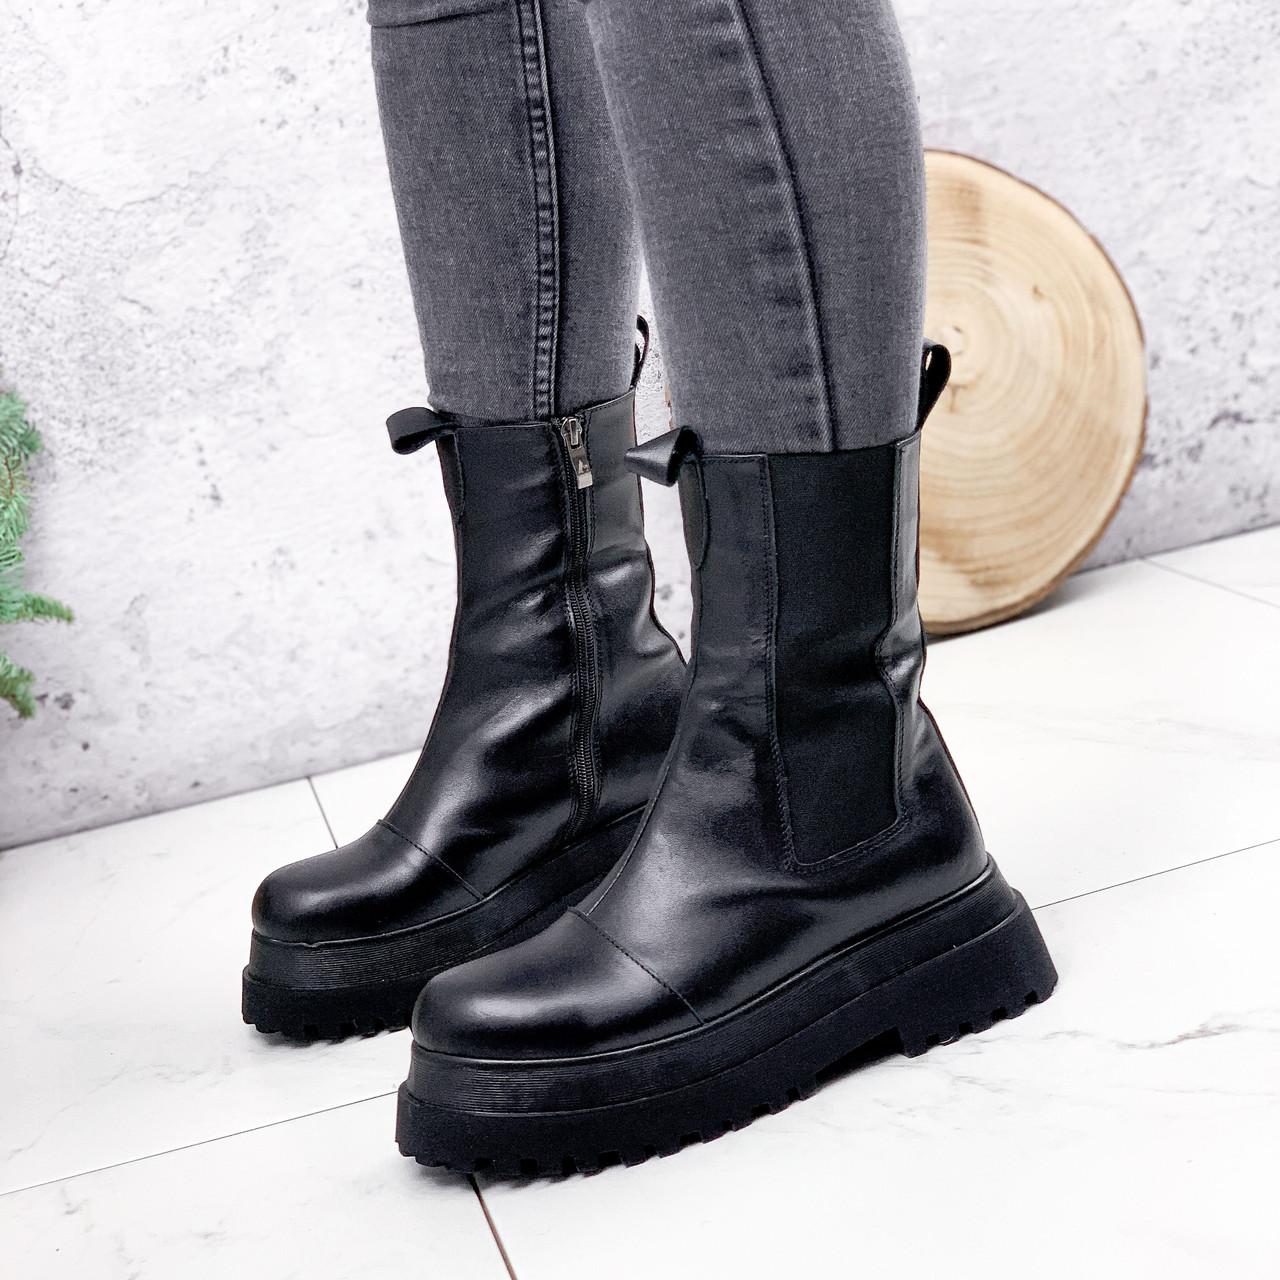 Ботинки женские Lina черные ЗИМА 2770